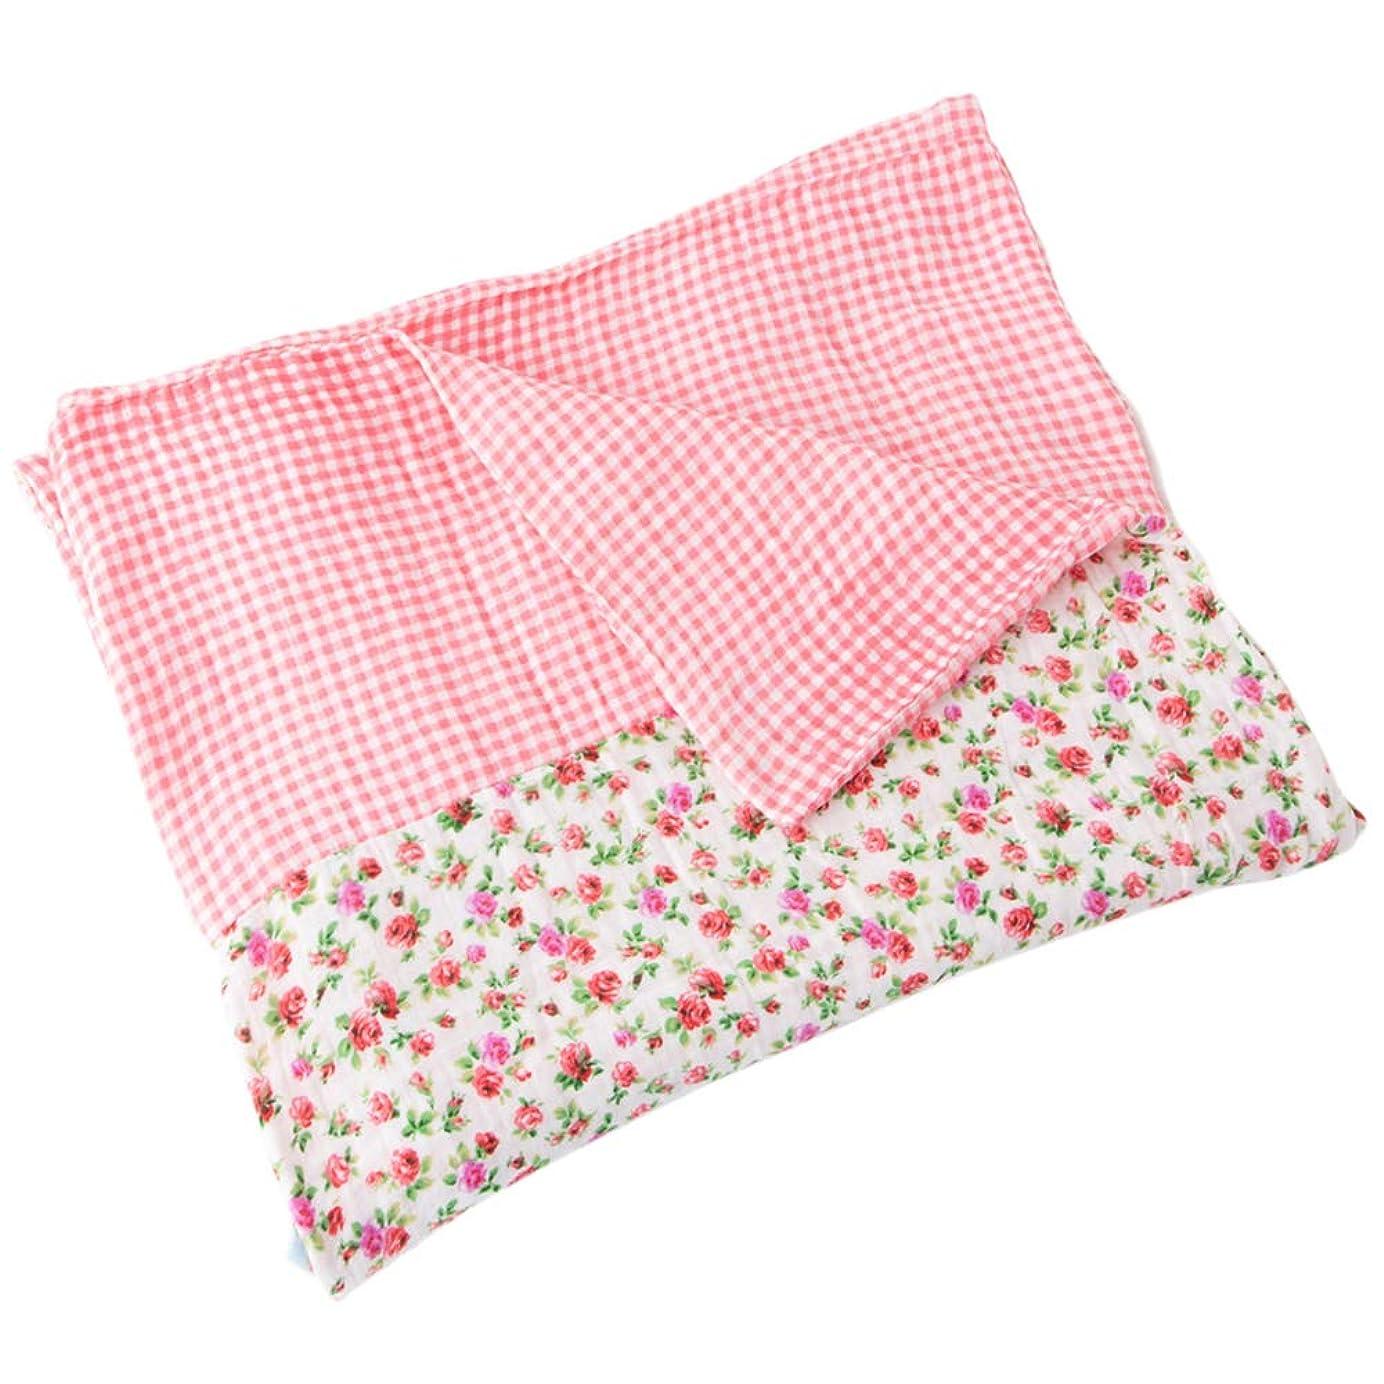 略す役立つサドルセシール 掛けふとんカバー ピンク ダブル 掛け布団カバー 洗いざらしダブルガーゼ CR-1128